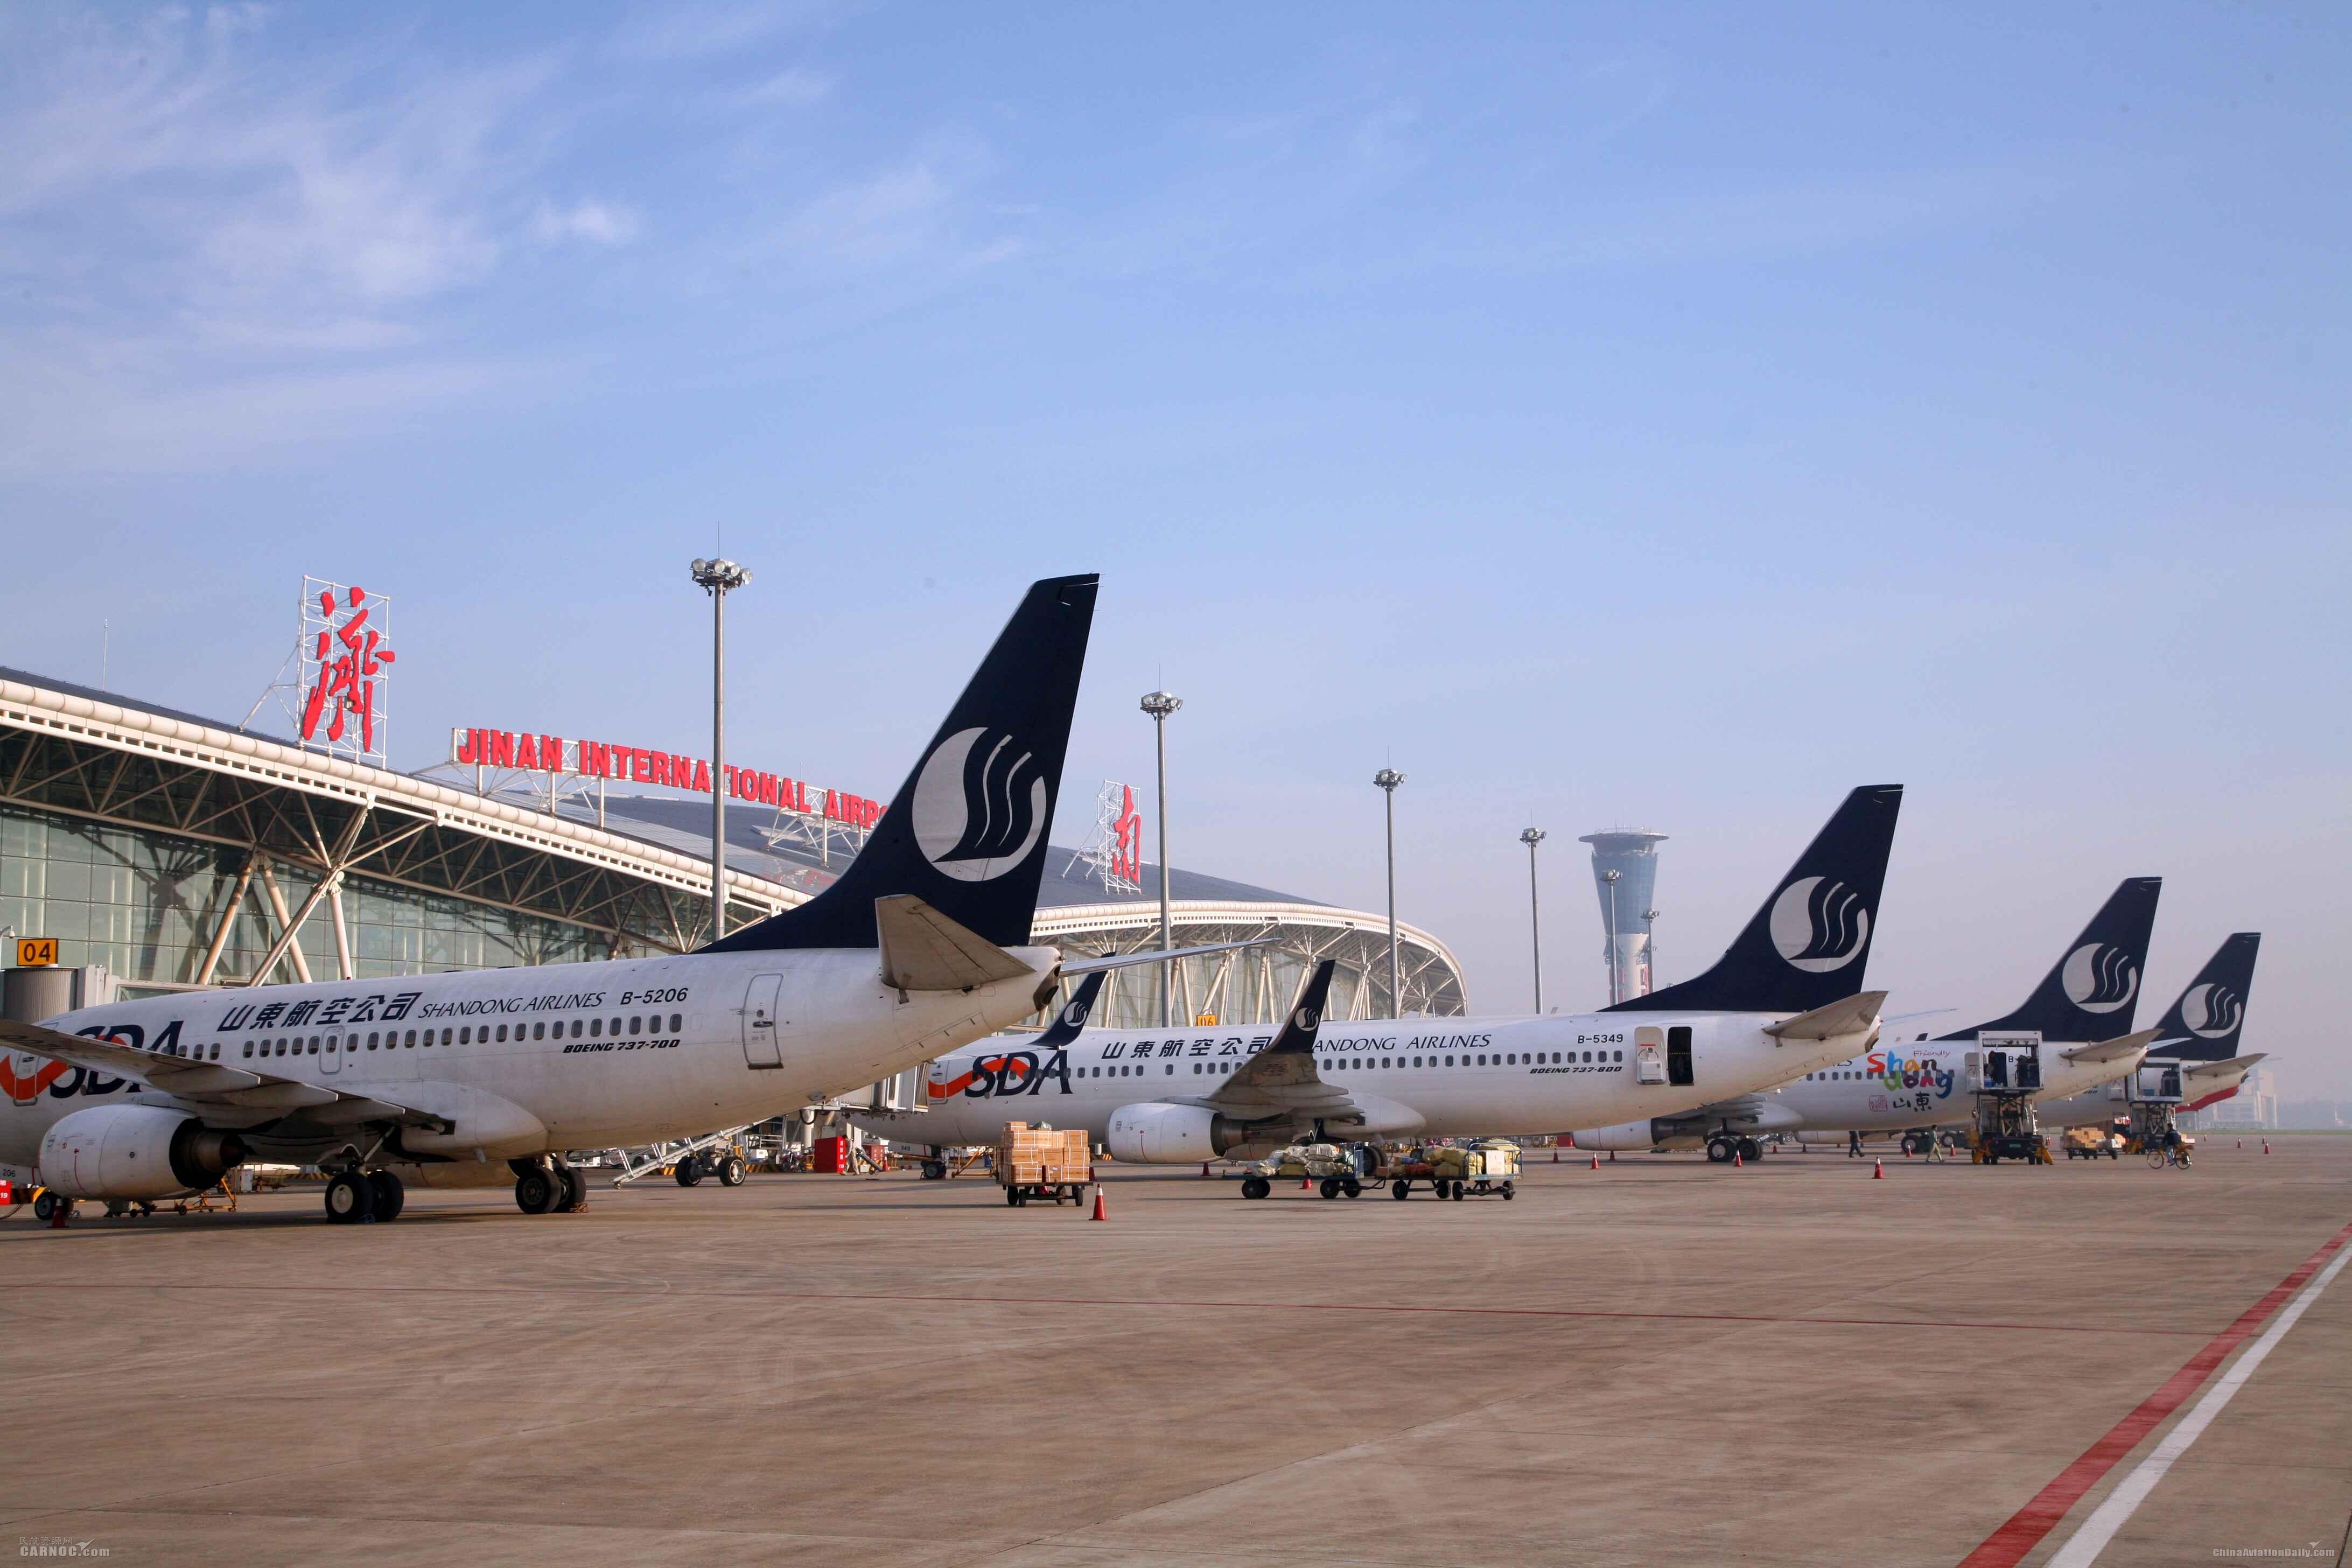 山航2020年春运新开、加密1268个航班,增加东京、普吉国际航线